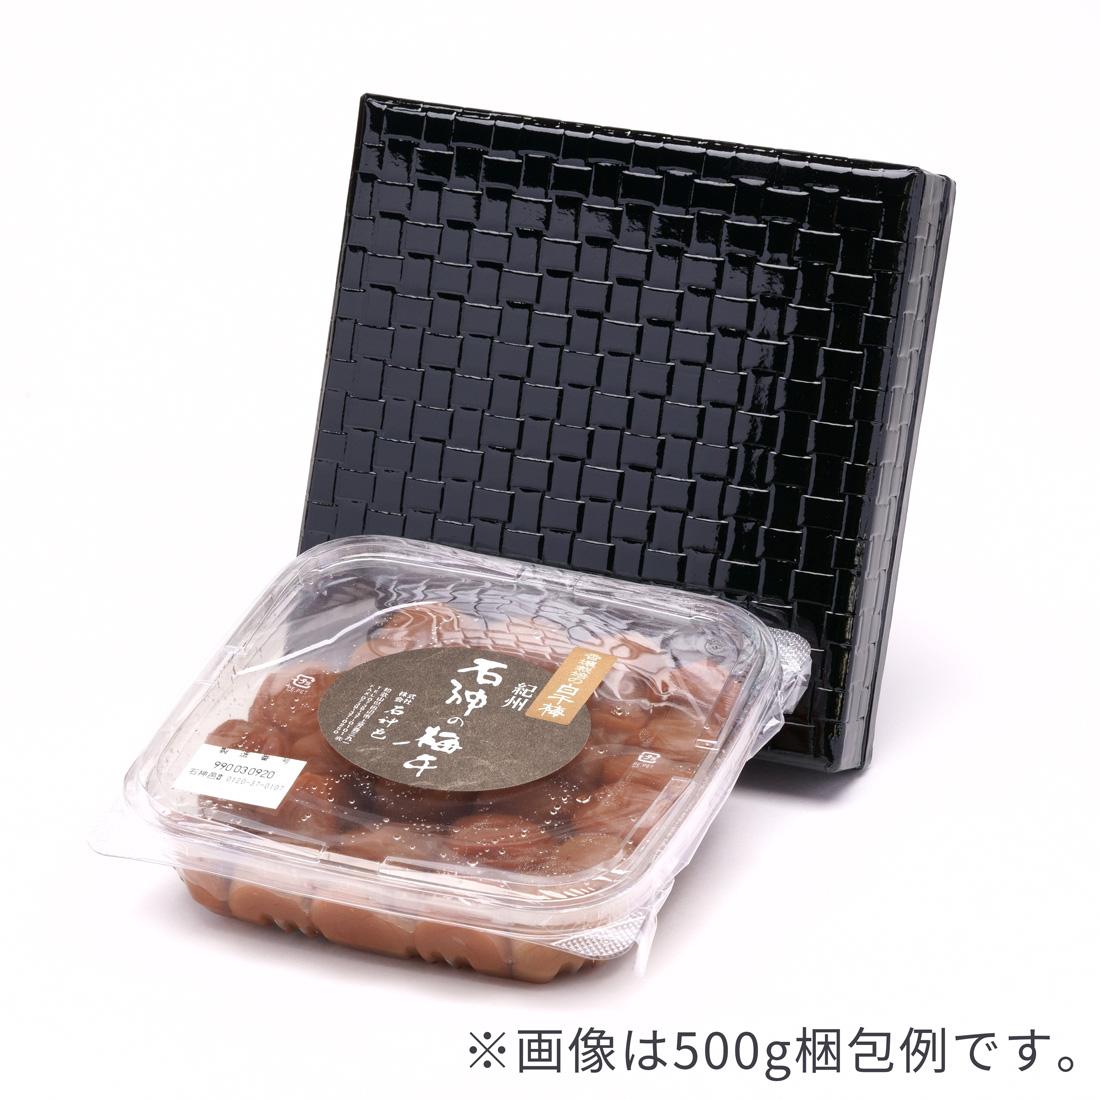 高級南高梅【うす塩】紀州塗箱 網代模様仕上げ商品写真